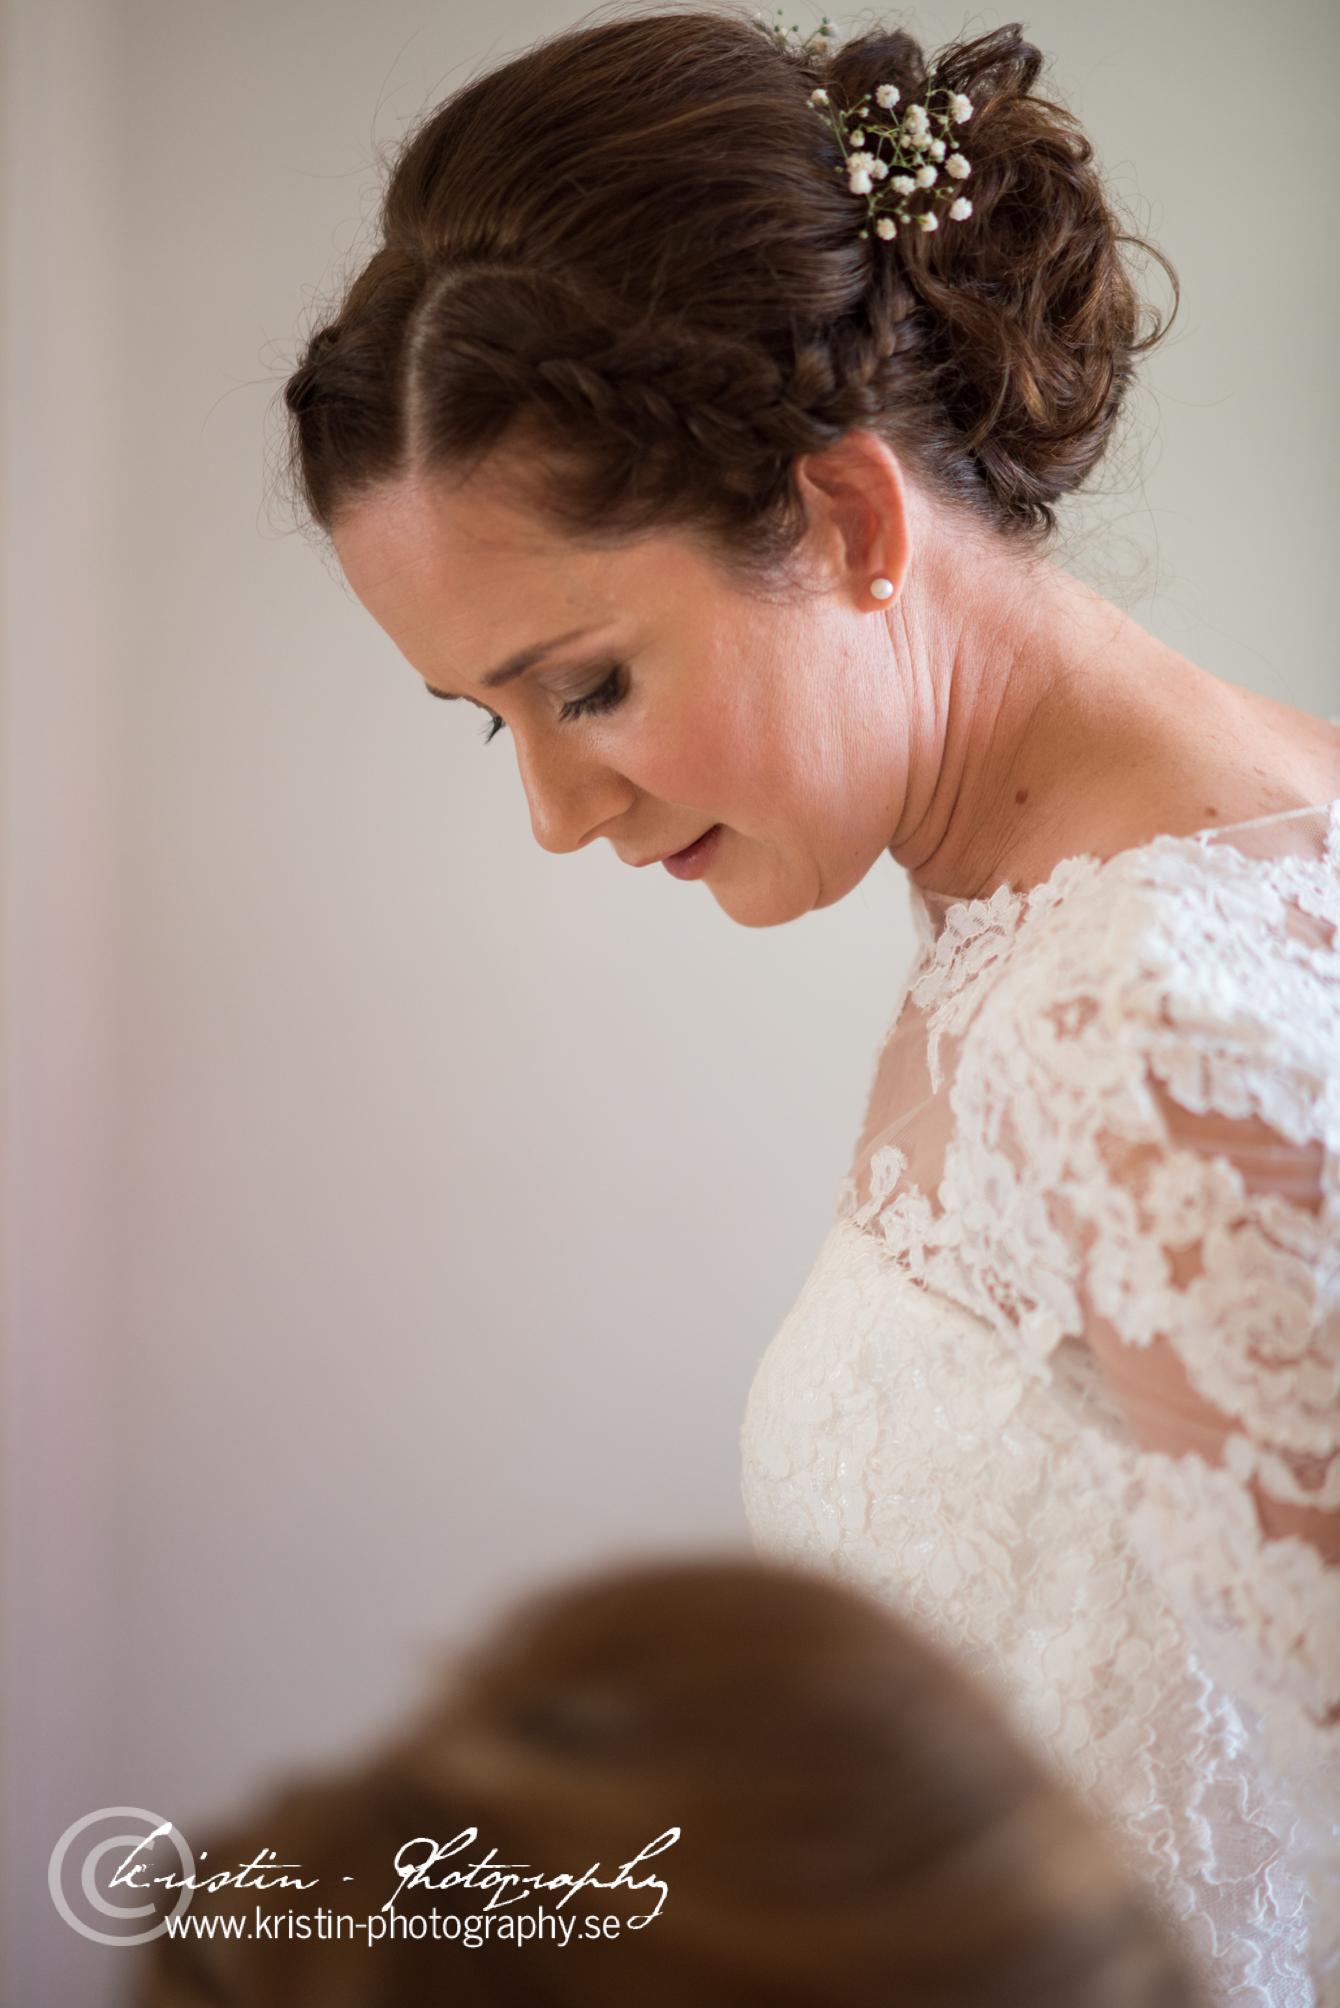 Bröllopsfotograf i Eskilstuna, Kristin - Photography, weddingphotographer -16.jpg